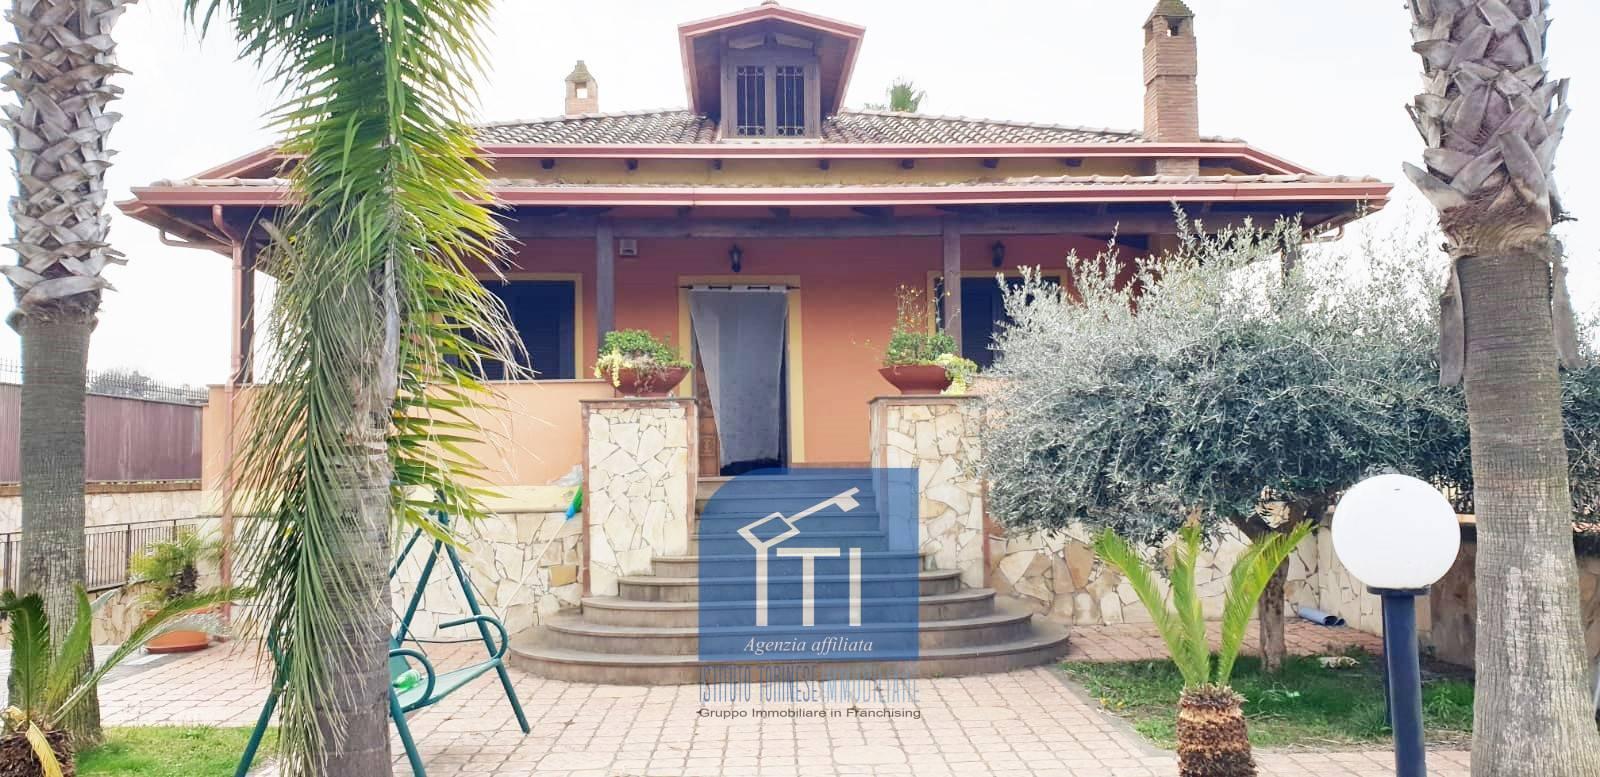 Villa in vendita a Giugliano in Campania, 4 locali, prezzo € 315.000   CambioCasa.it